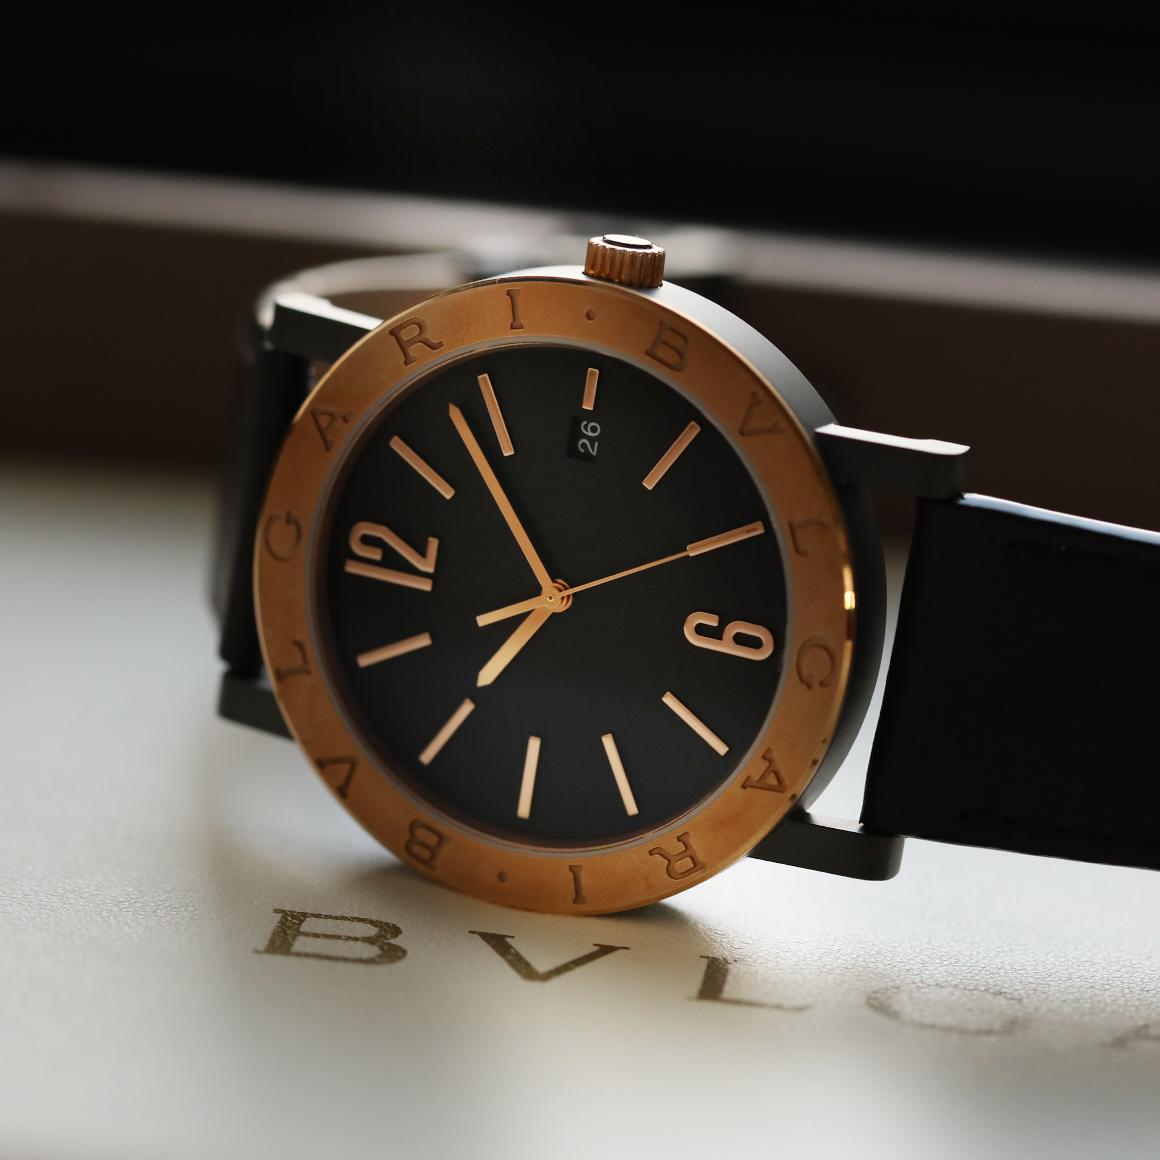 new concept c4f09 ed3bf ブルガリブルガリ ブロンズ」 | 岡山県でブランド時計・腕時計の ...